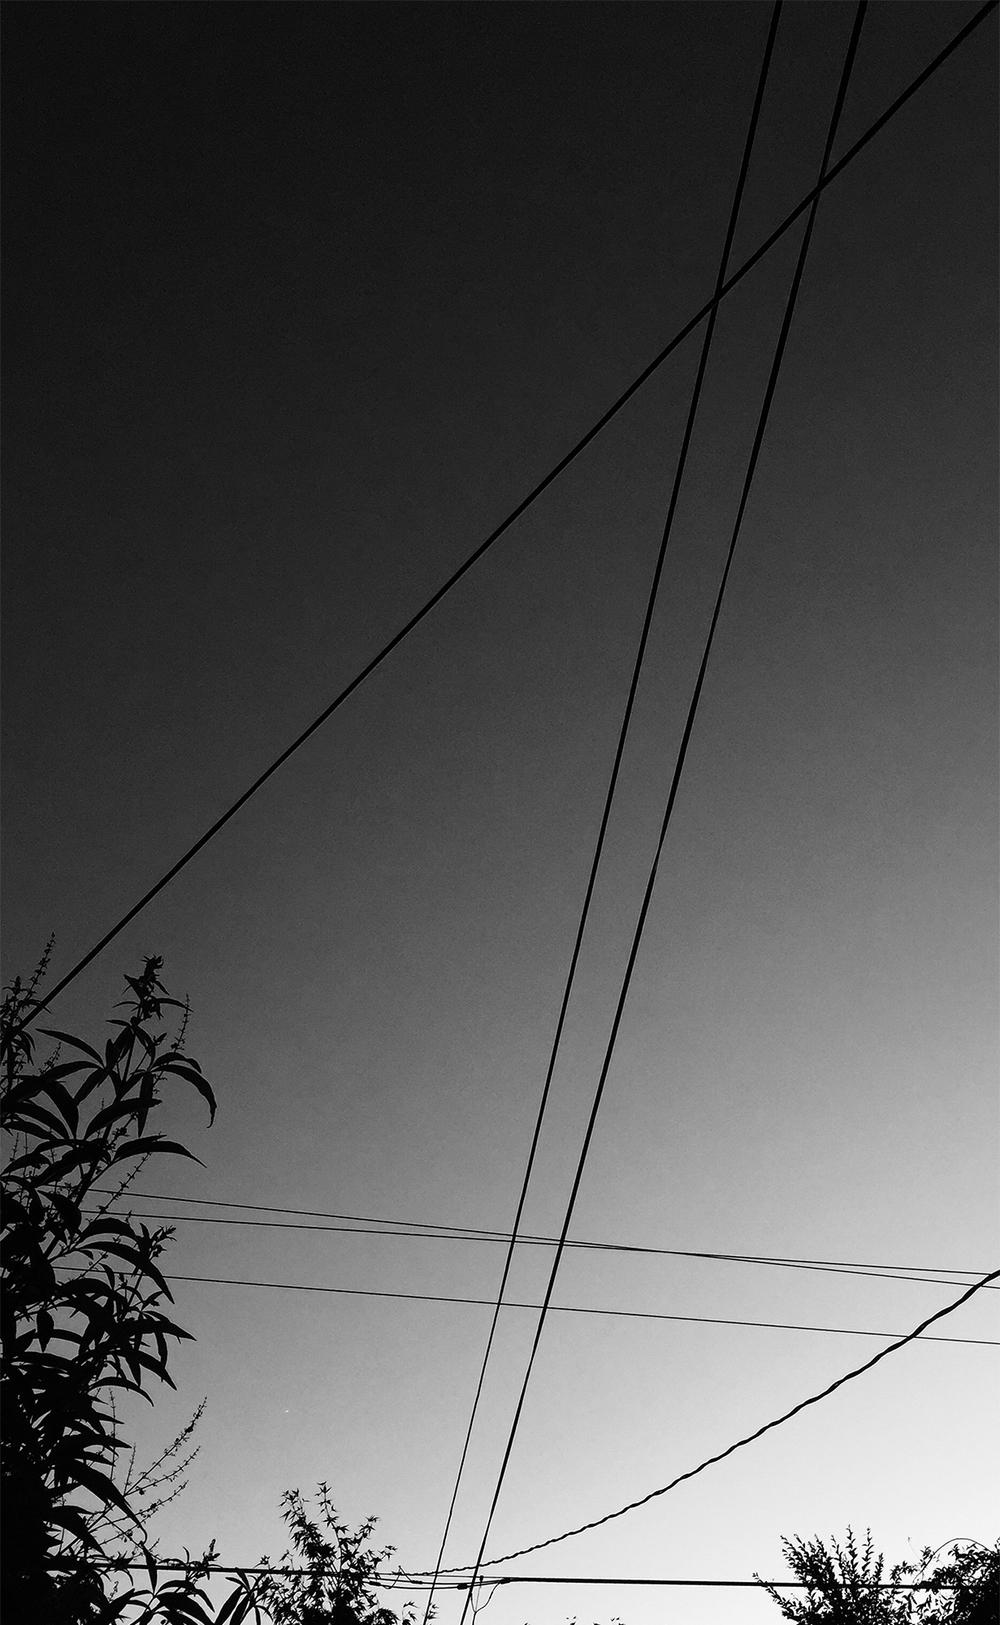 Wires01.jpg